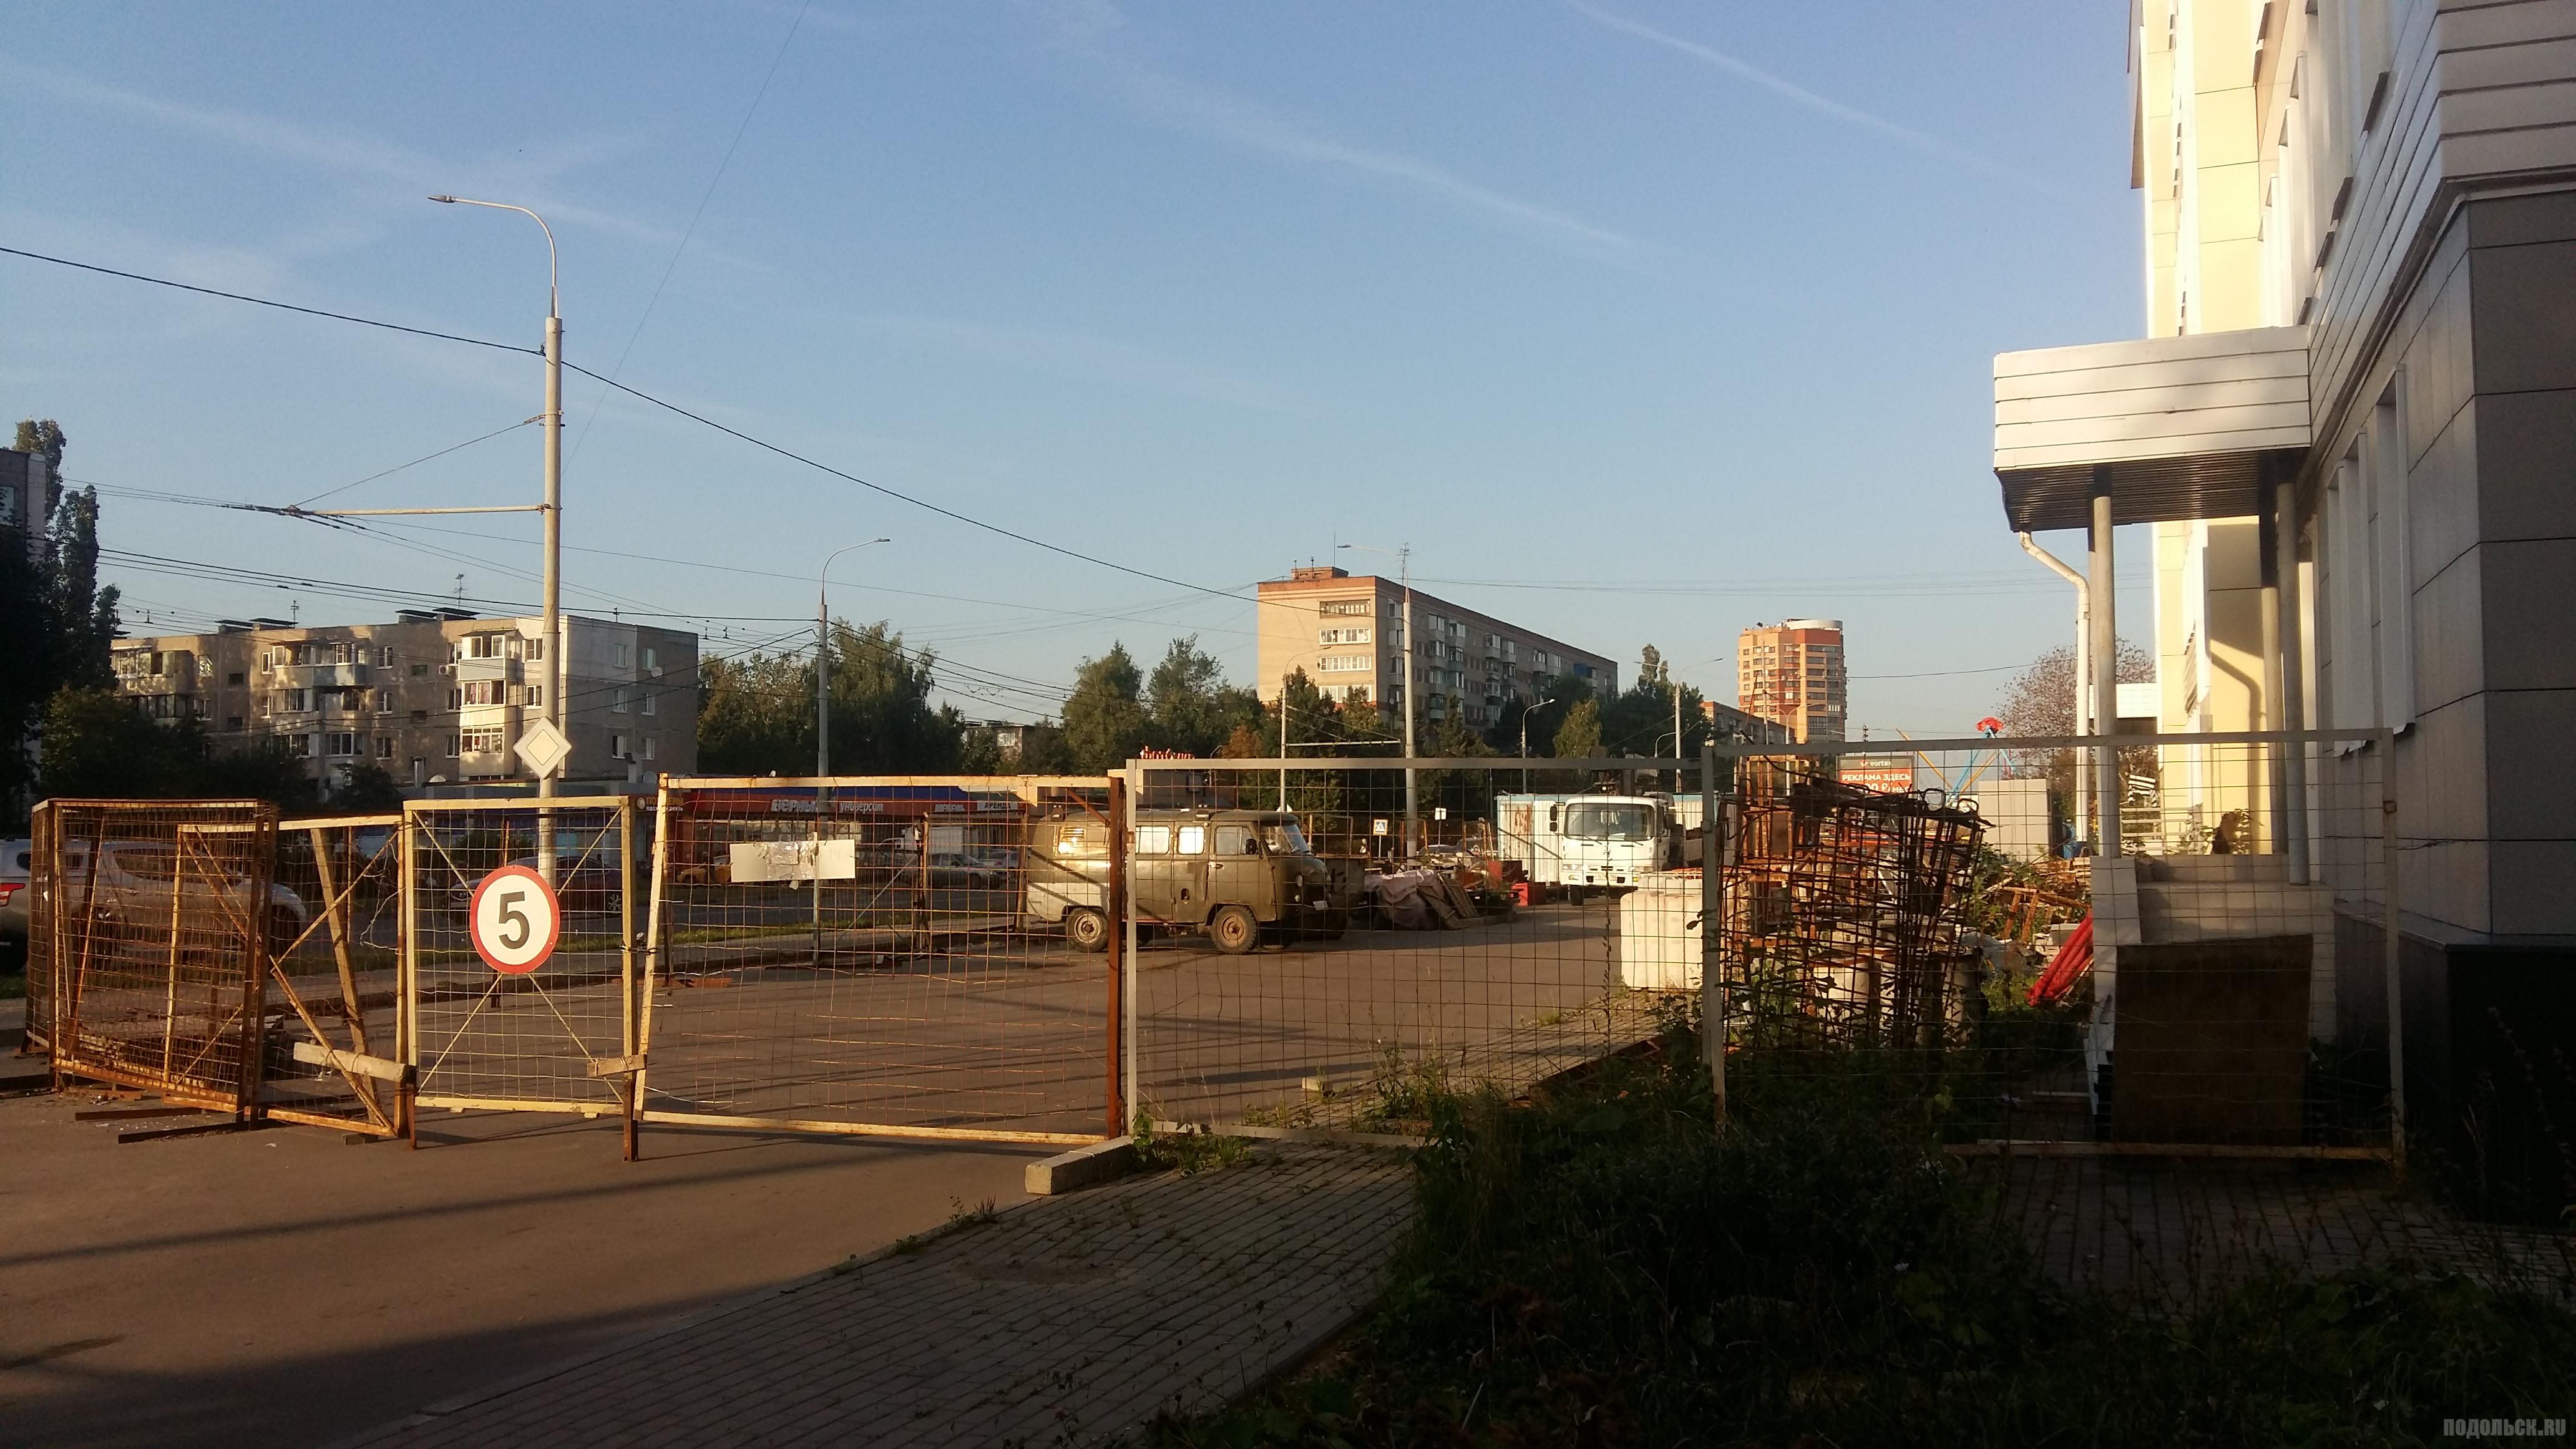 Недостроенная поликлиника на Ленинградской улице. 08.2018